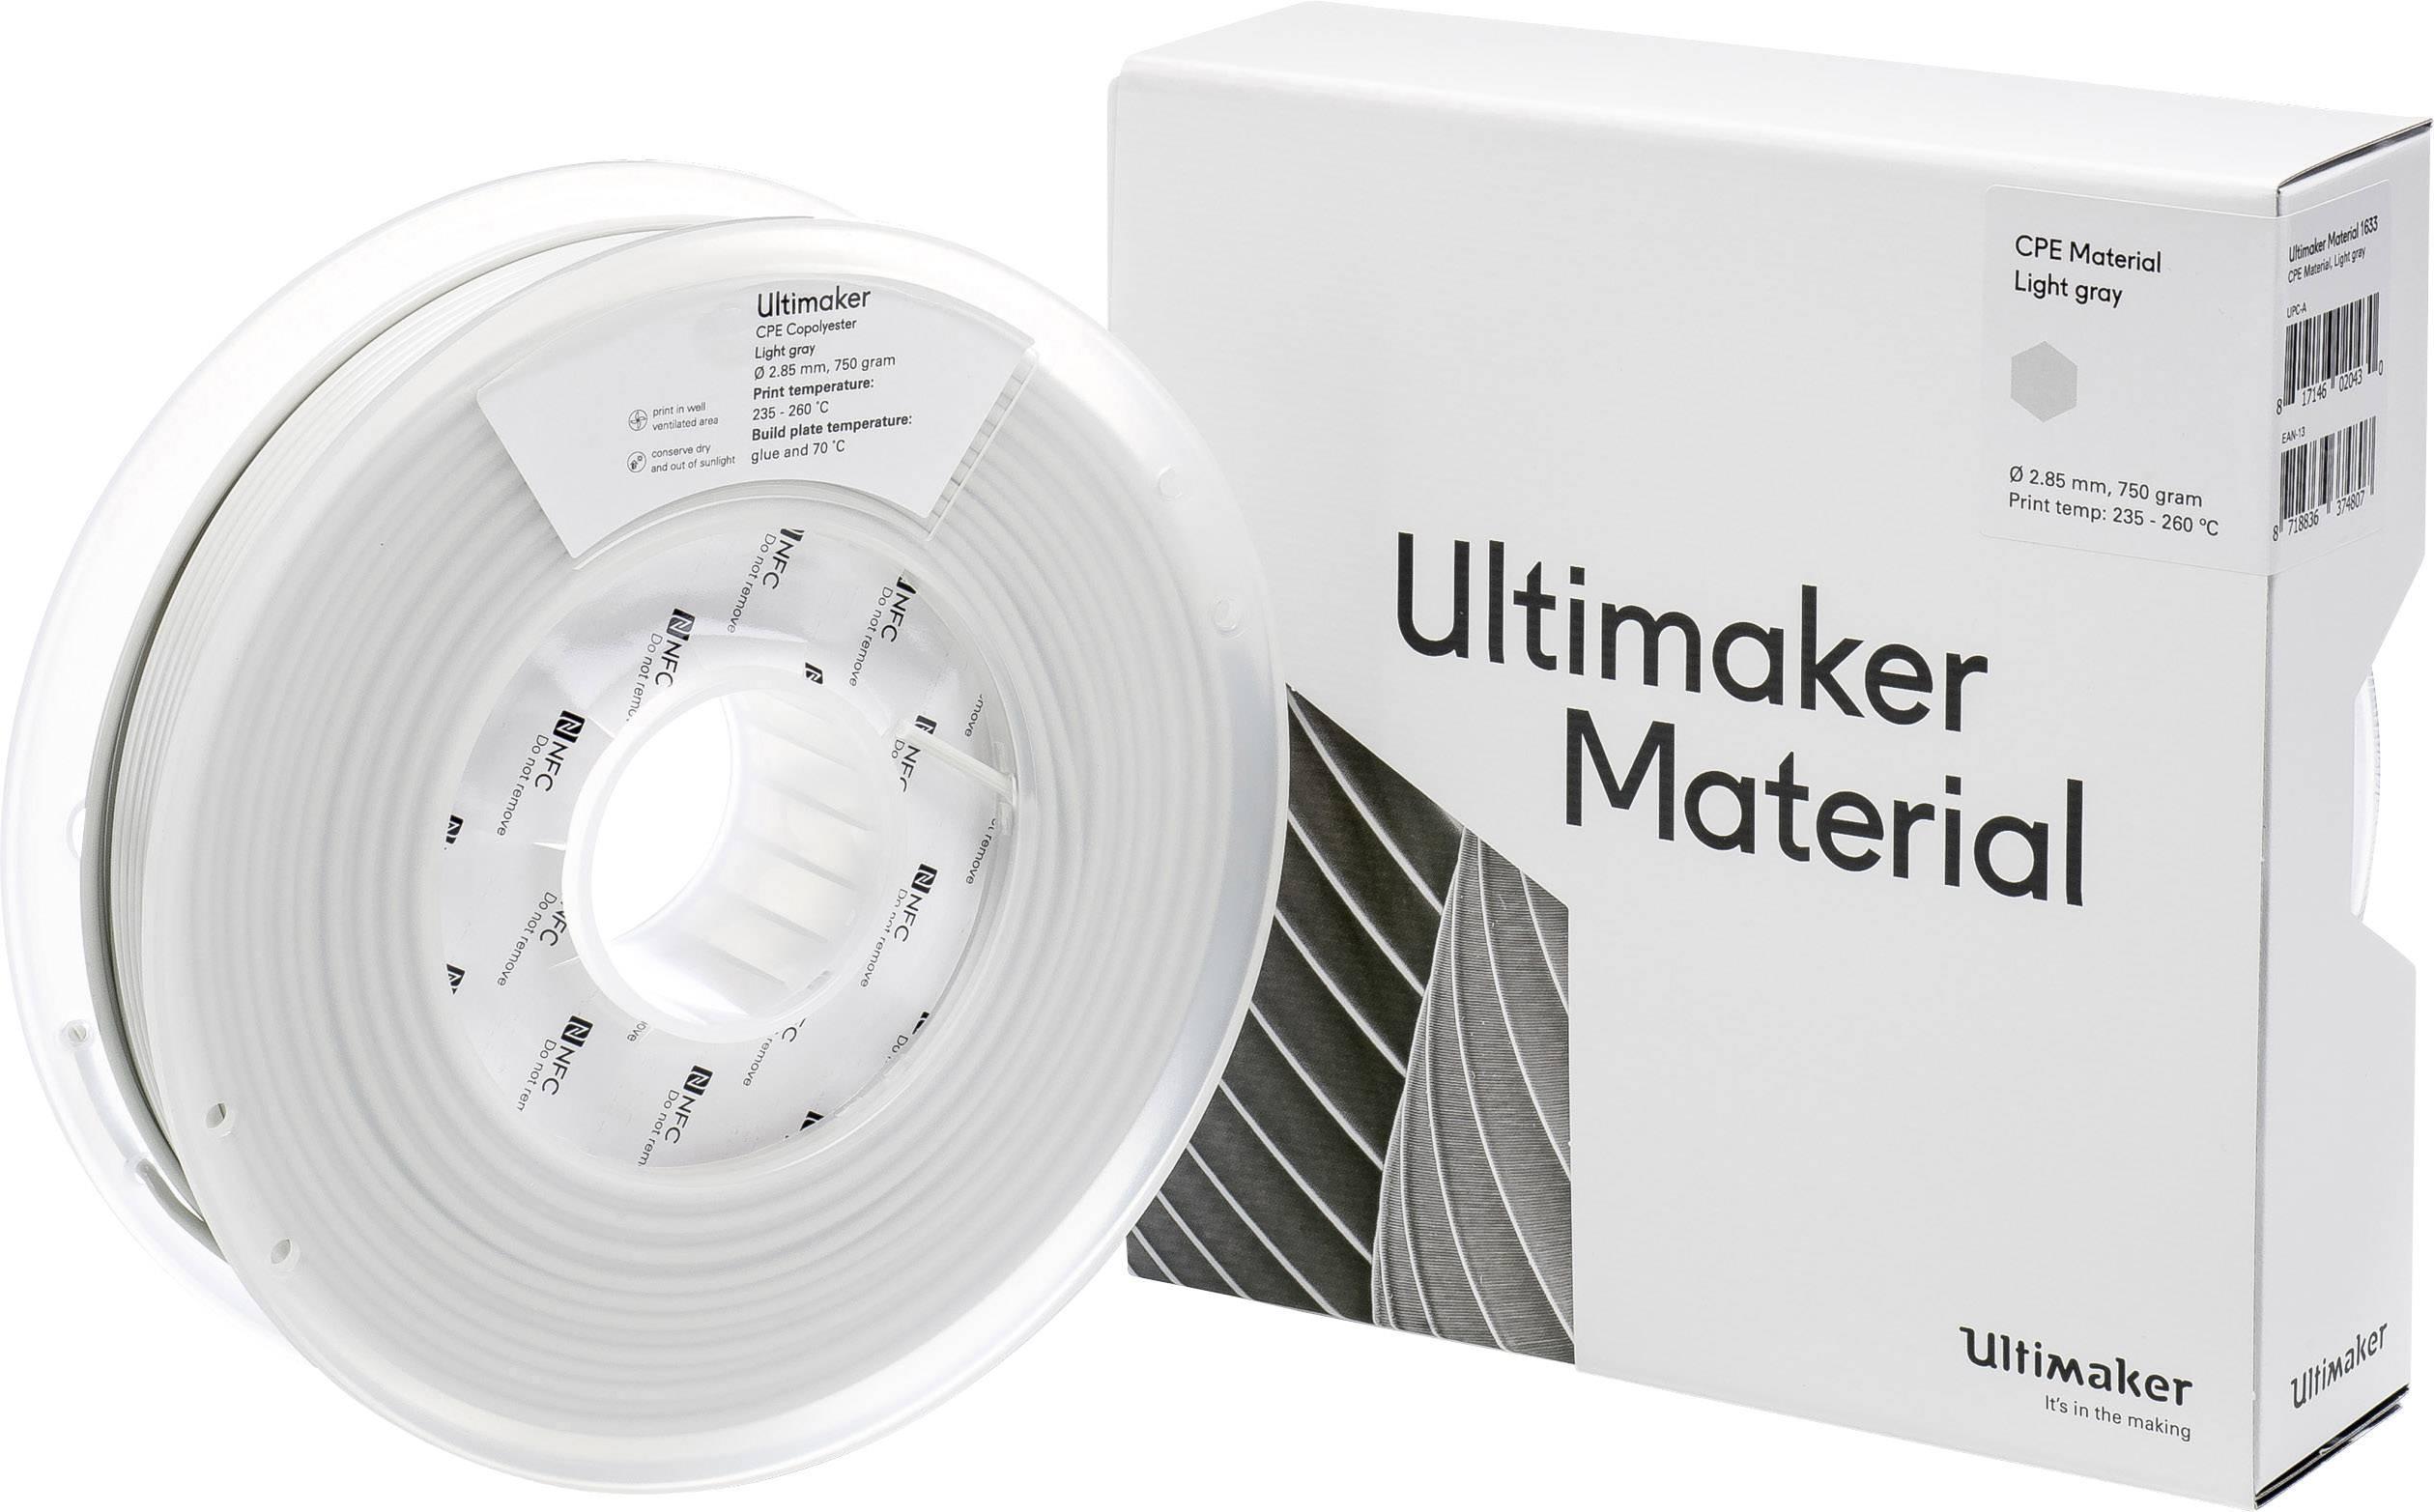 Vlákno pro 3D tiskárny Ultimaker CPE - M0188 Light Gray 750 - 201273, CPE , 2.85 mm, 750 g, světle šedá